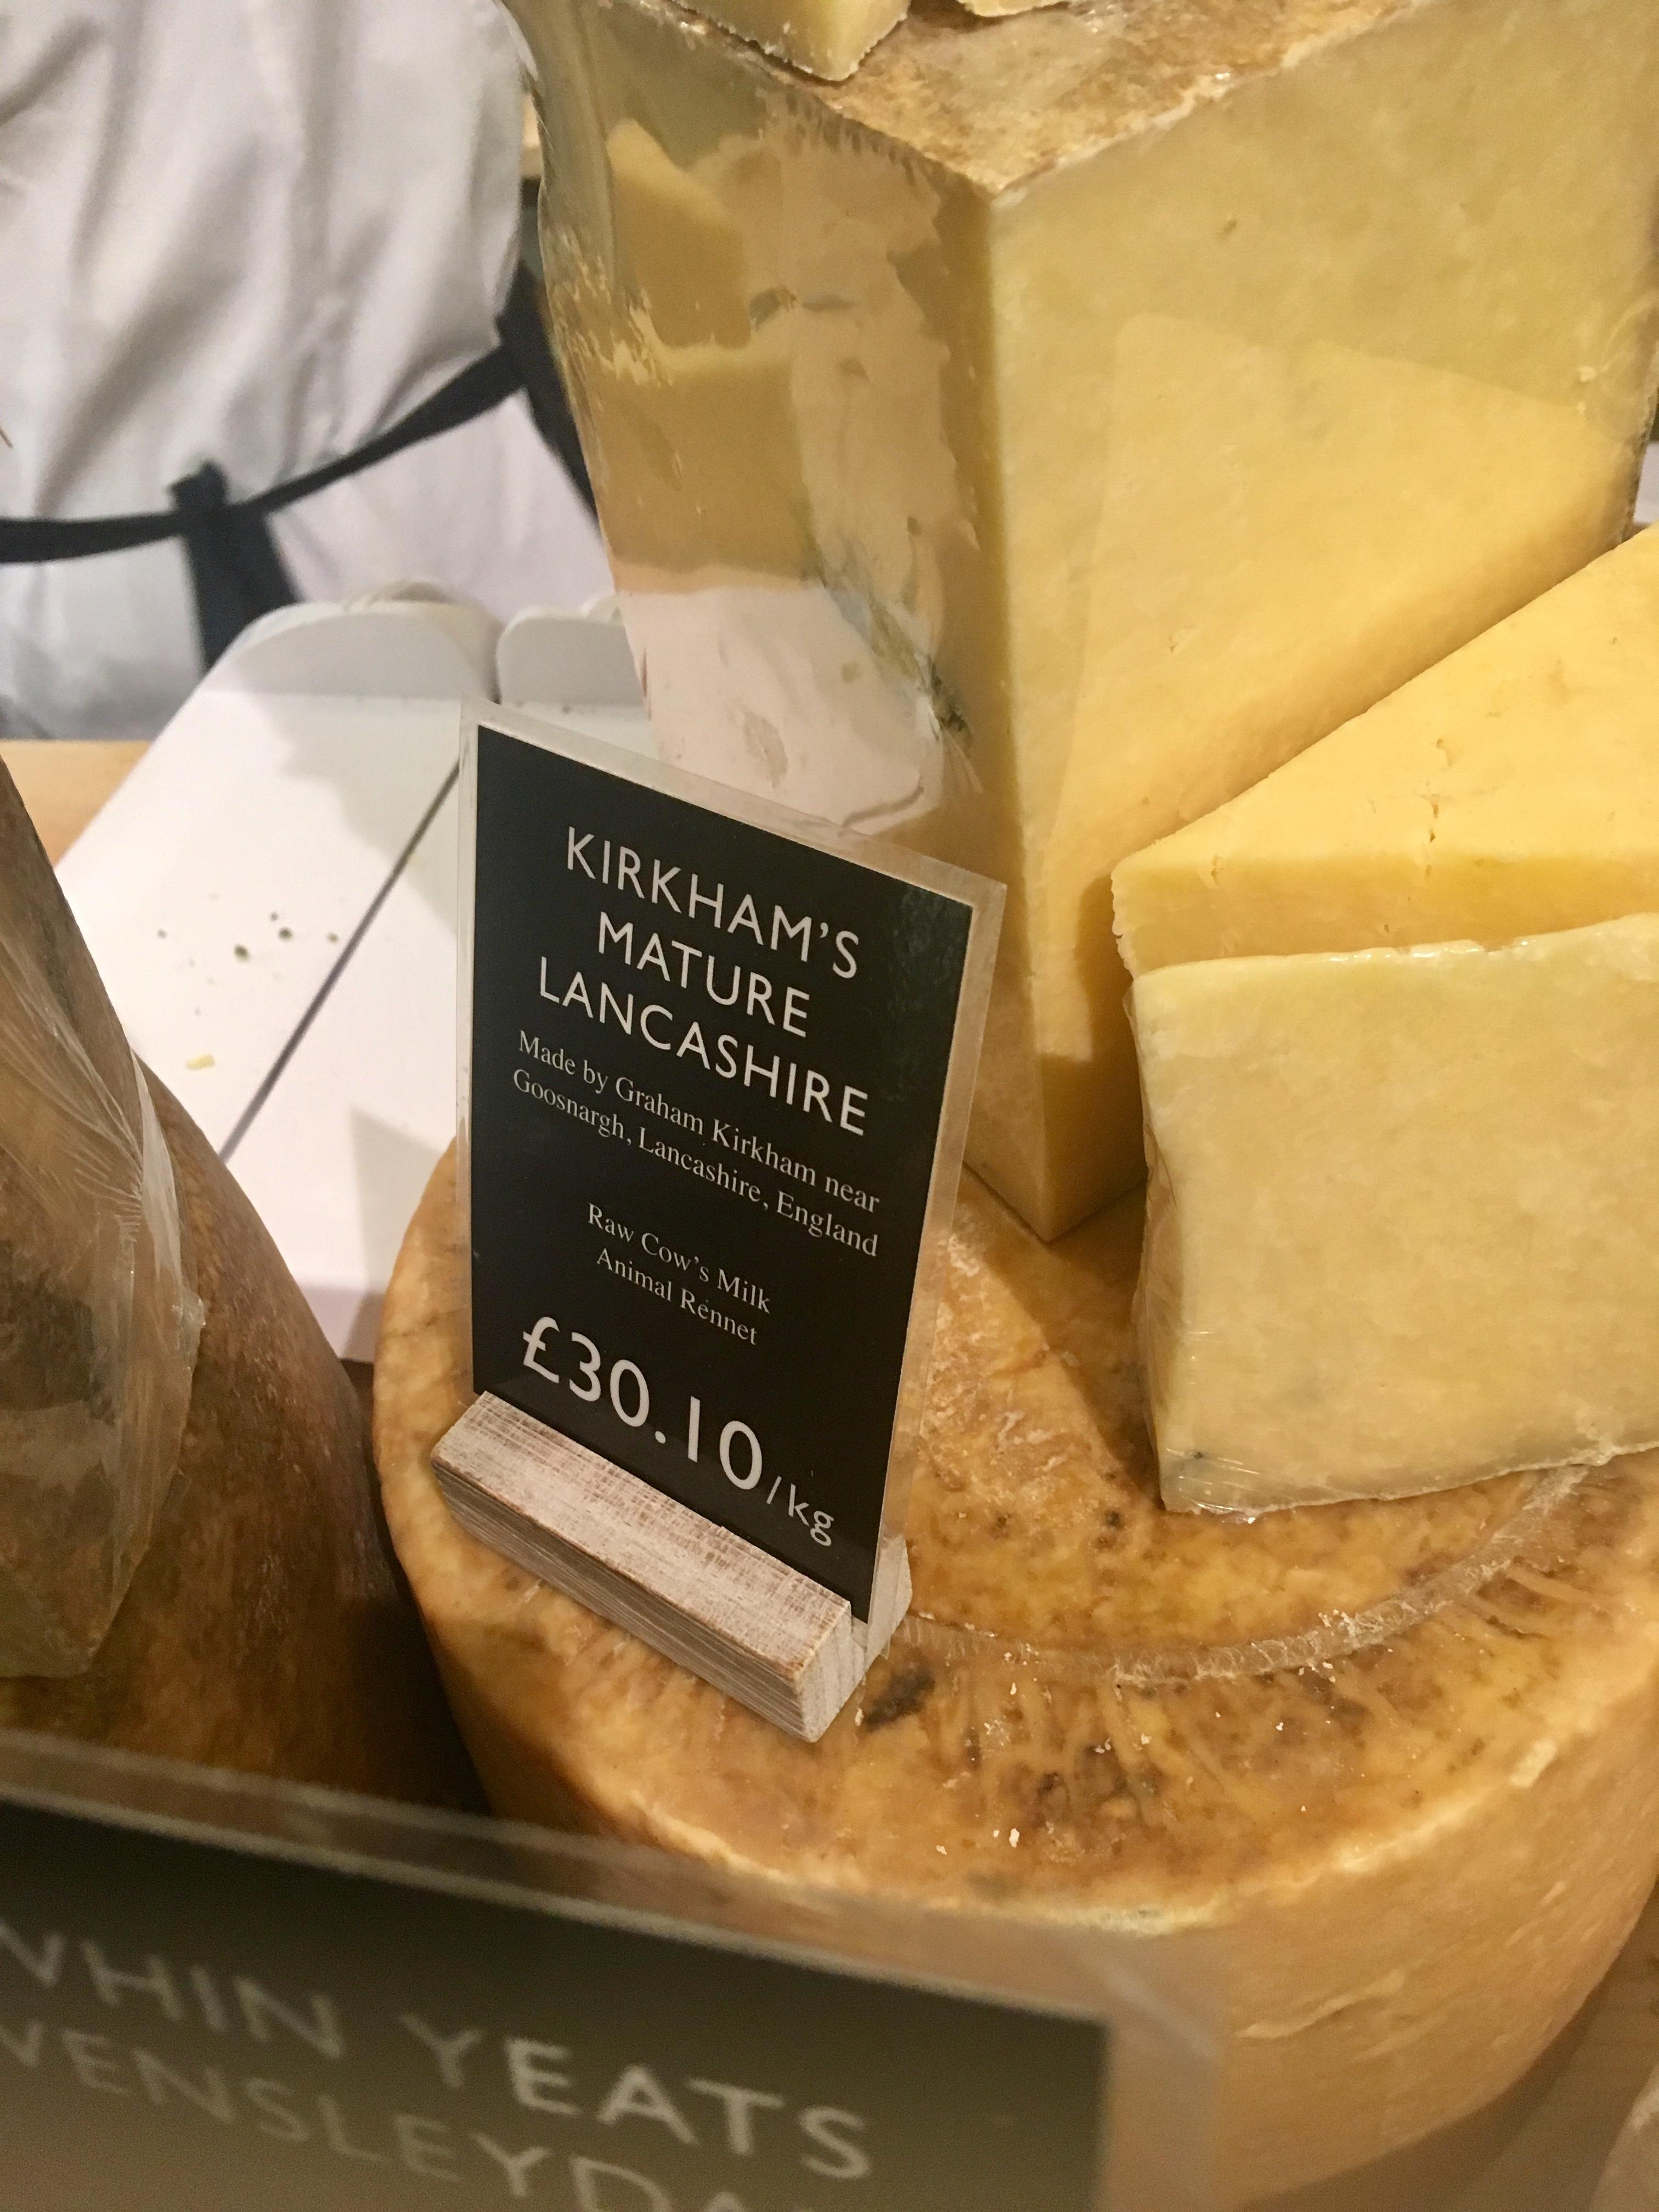 Kirkham's Mature Lancashire